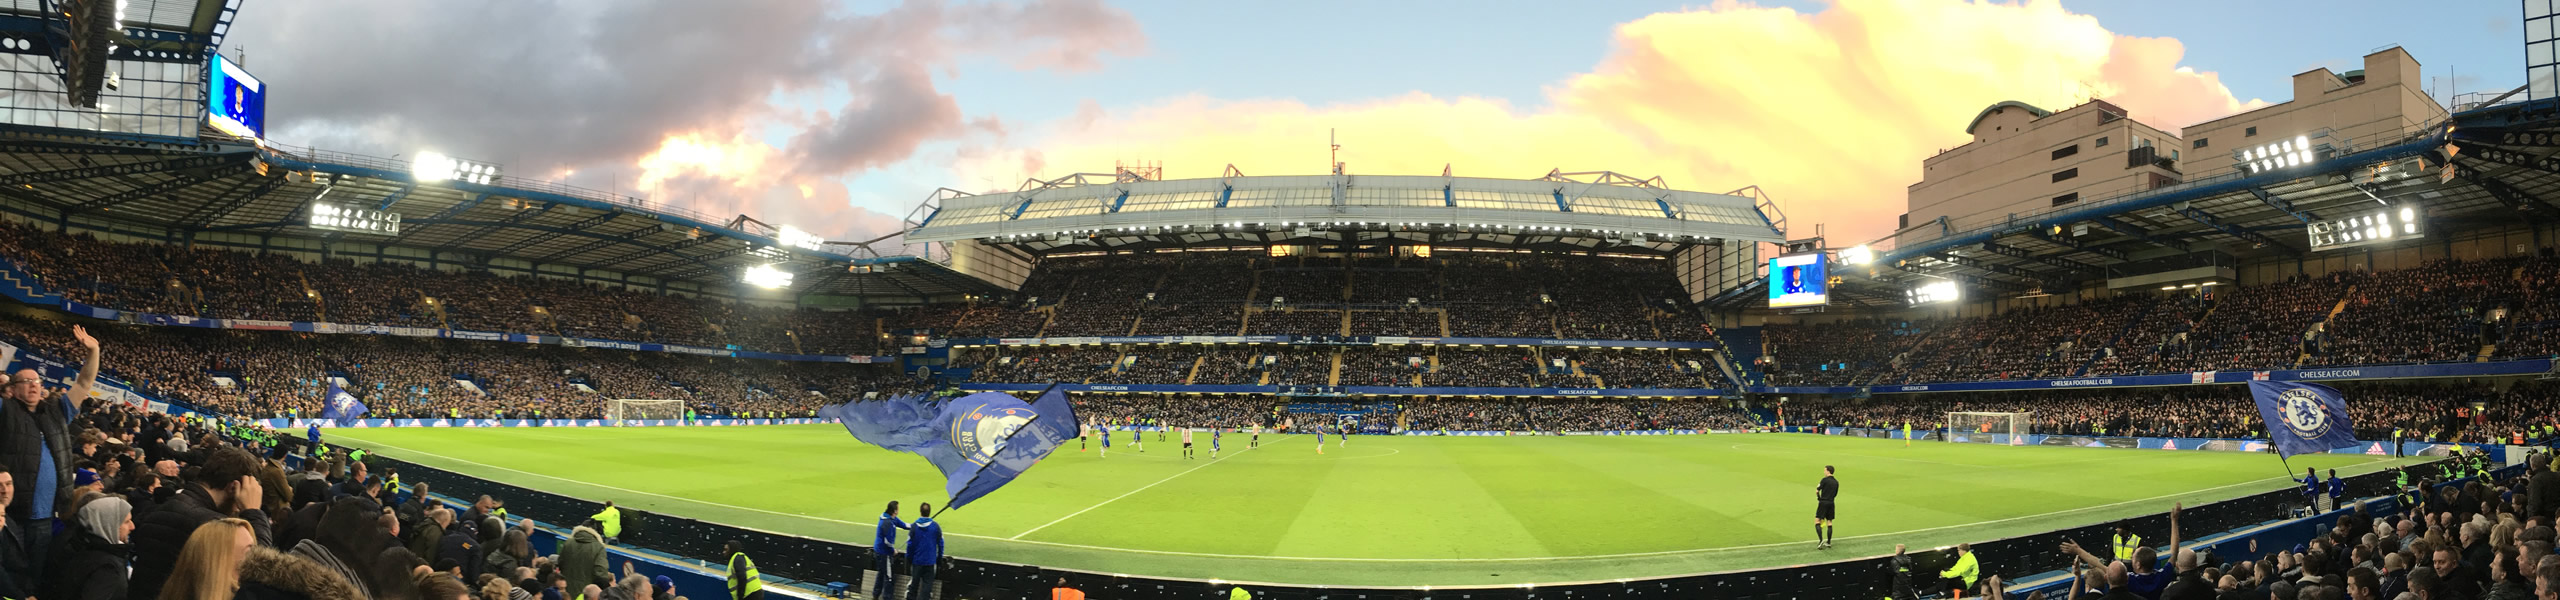 homepage-stadium-9